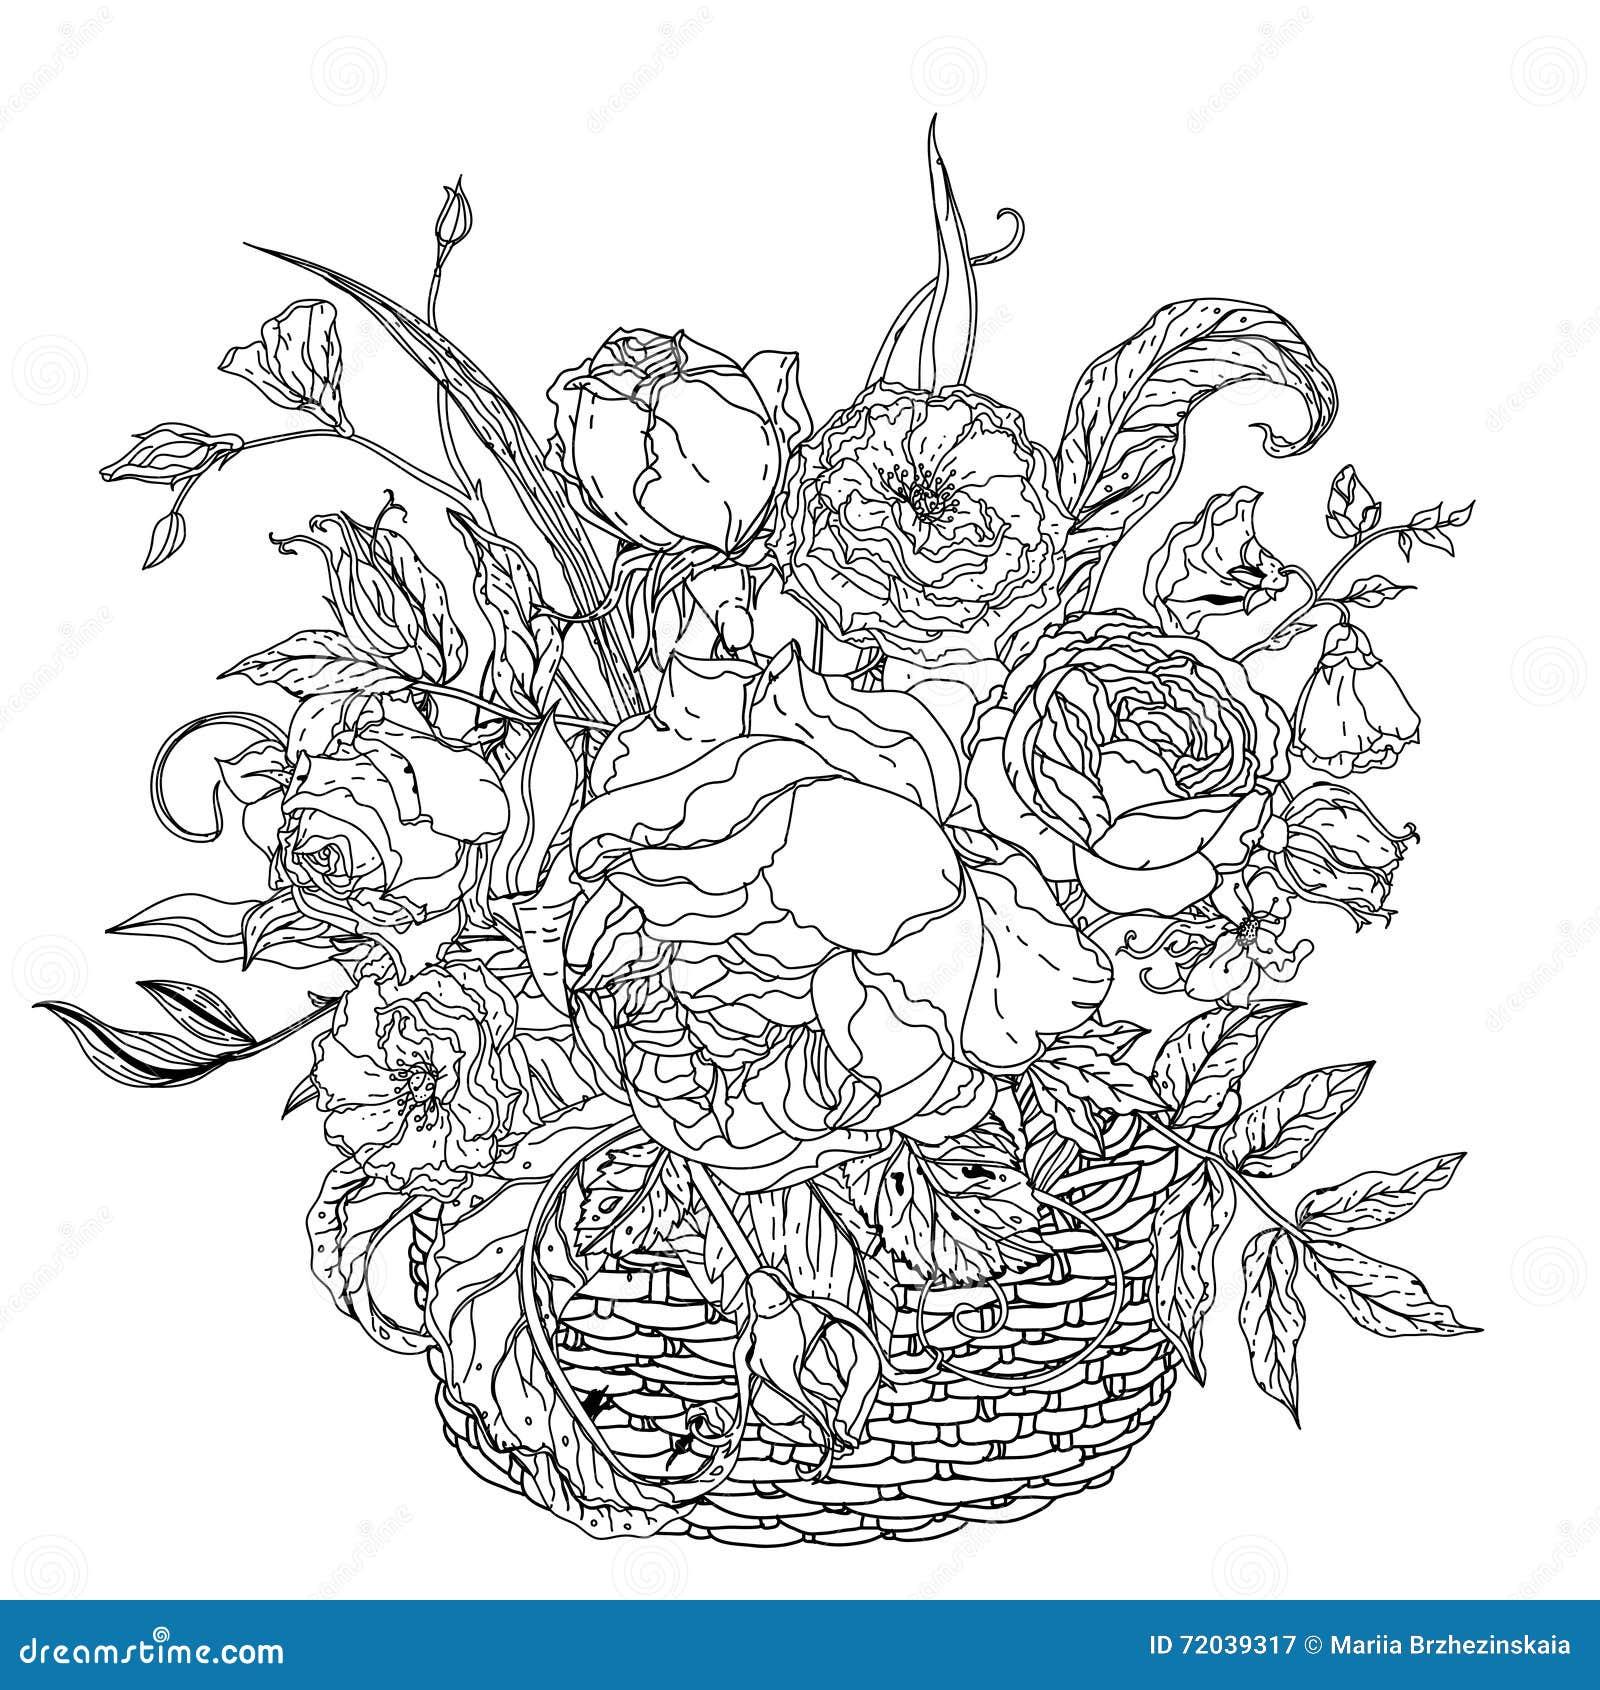 Immagine Antistress Di Stile Del Libro Da Colorare Di Natura Morta